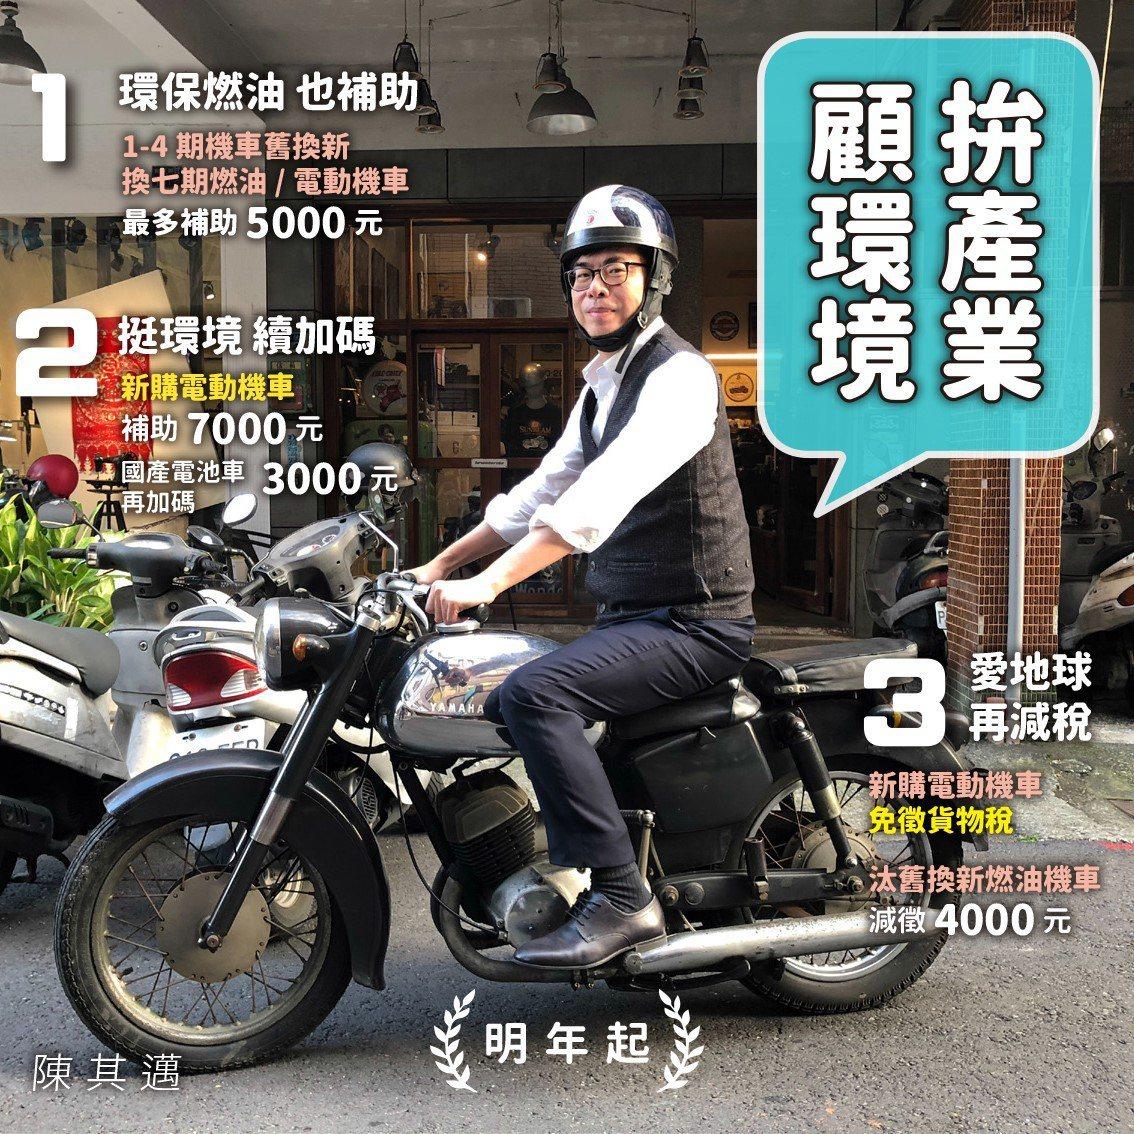 行政院副院長陳其邁,宣導明年度機車補助事宜。取自陳其邁臉書